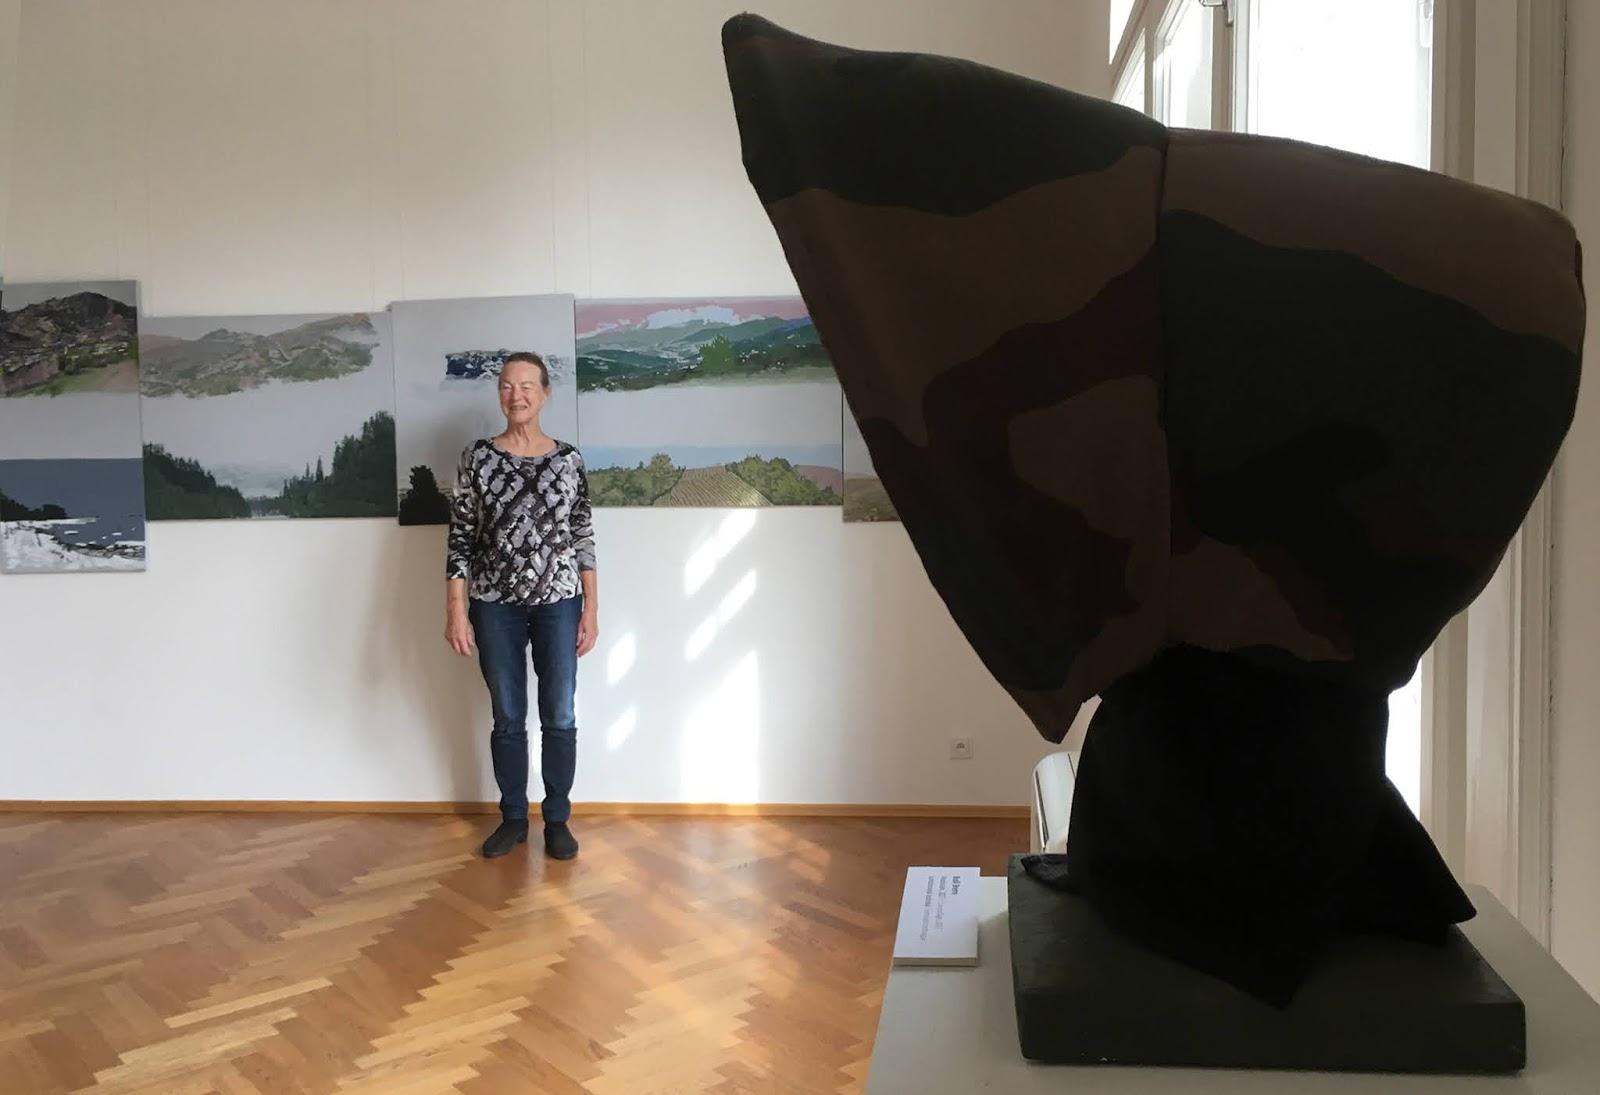 Udstilling okt/nov 2019 i Interactive Gallery Beckers Villa i Karlovy Vary, Tjekkiet